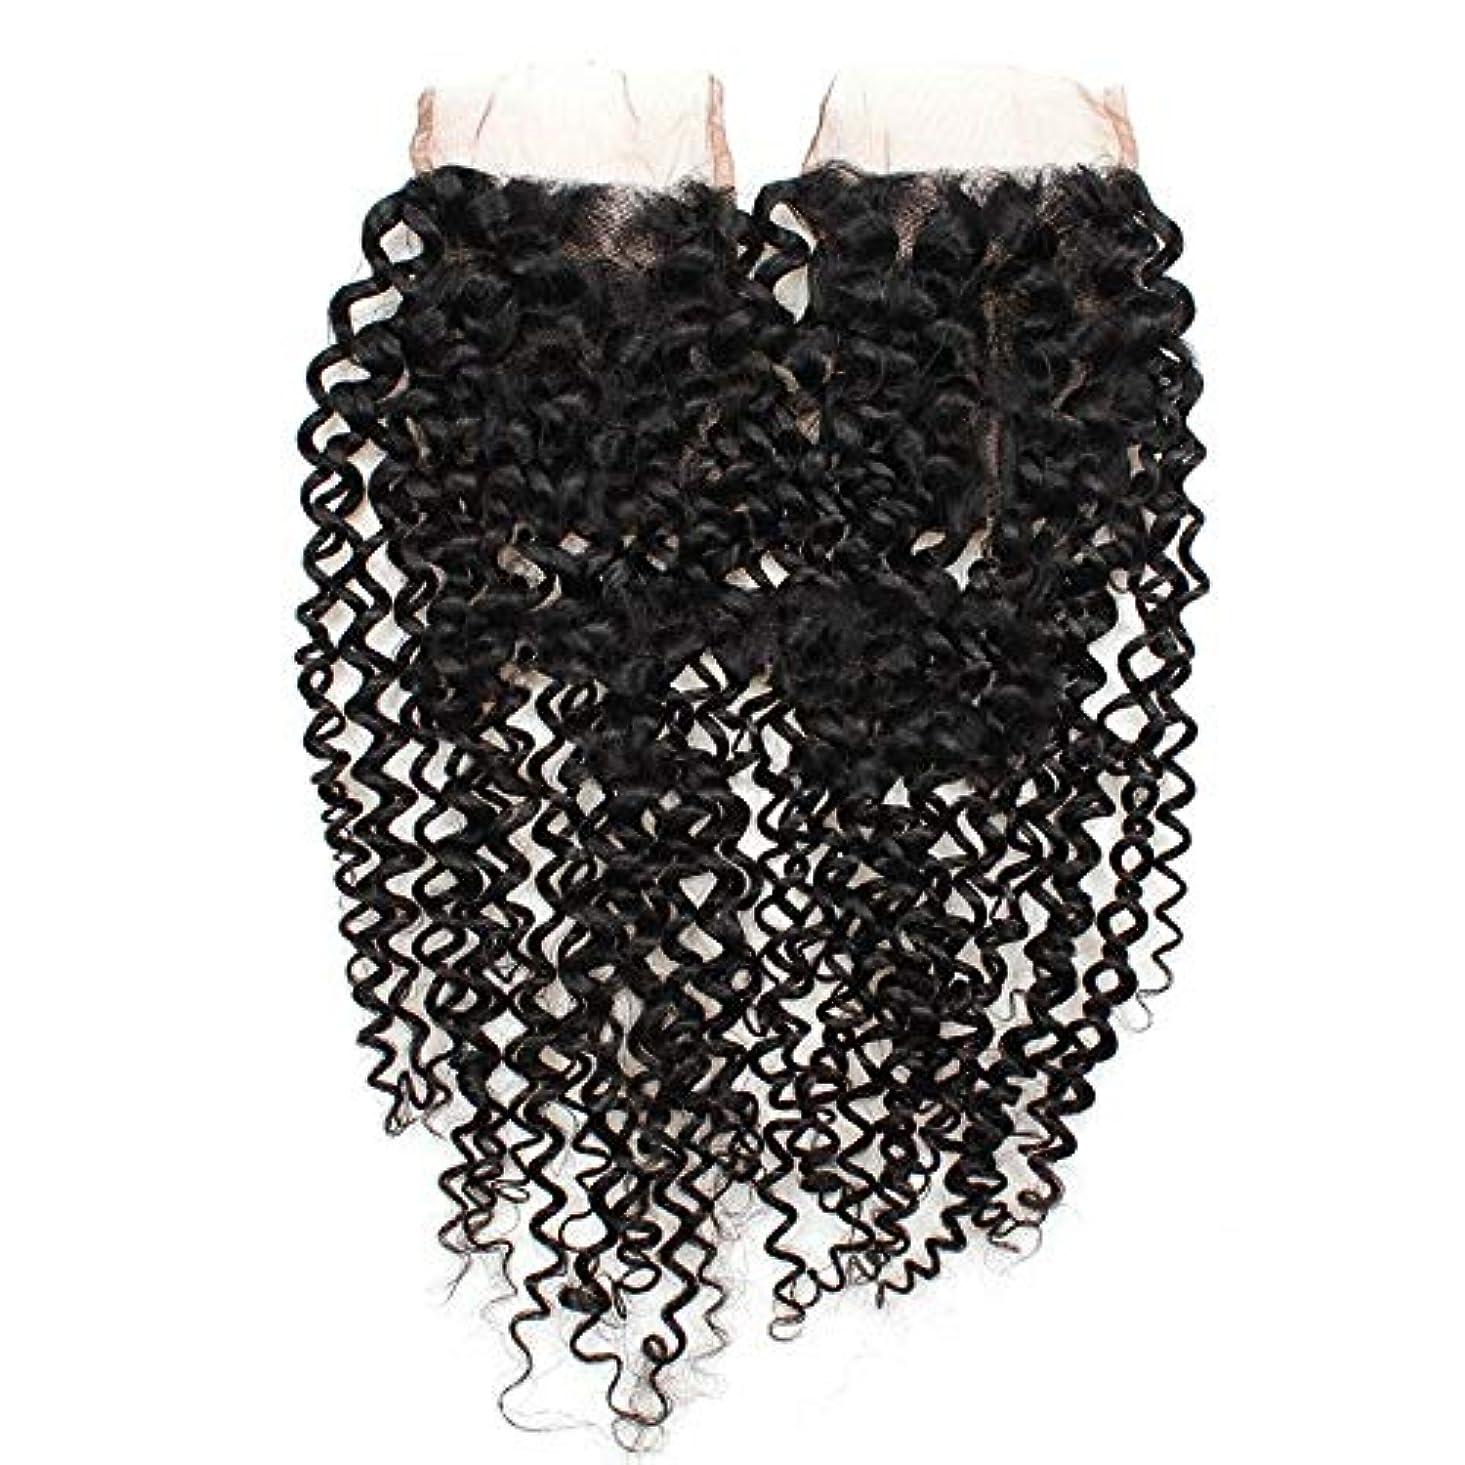 簡単なハンディ講義WASAIO 閉鎖ボディレースフロンタルパート4x4の自然な色8インチ、20インチでは、ブラジルのクリスプカーリー織り人間の髪 (色 : 黒, サイズ : 14 inch)